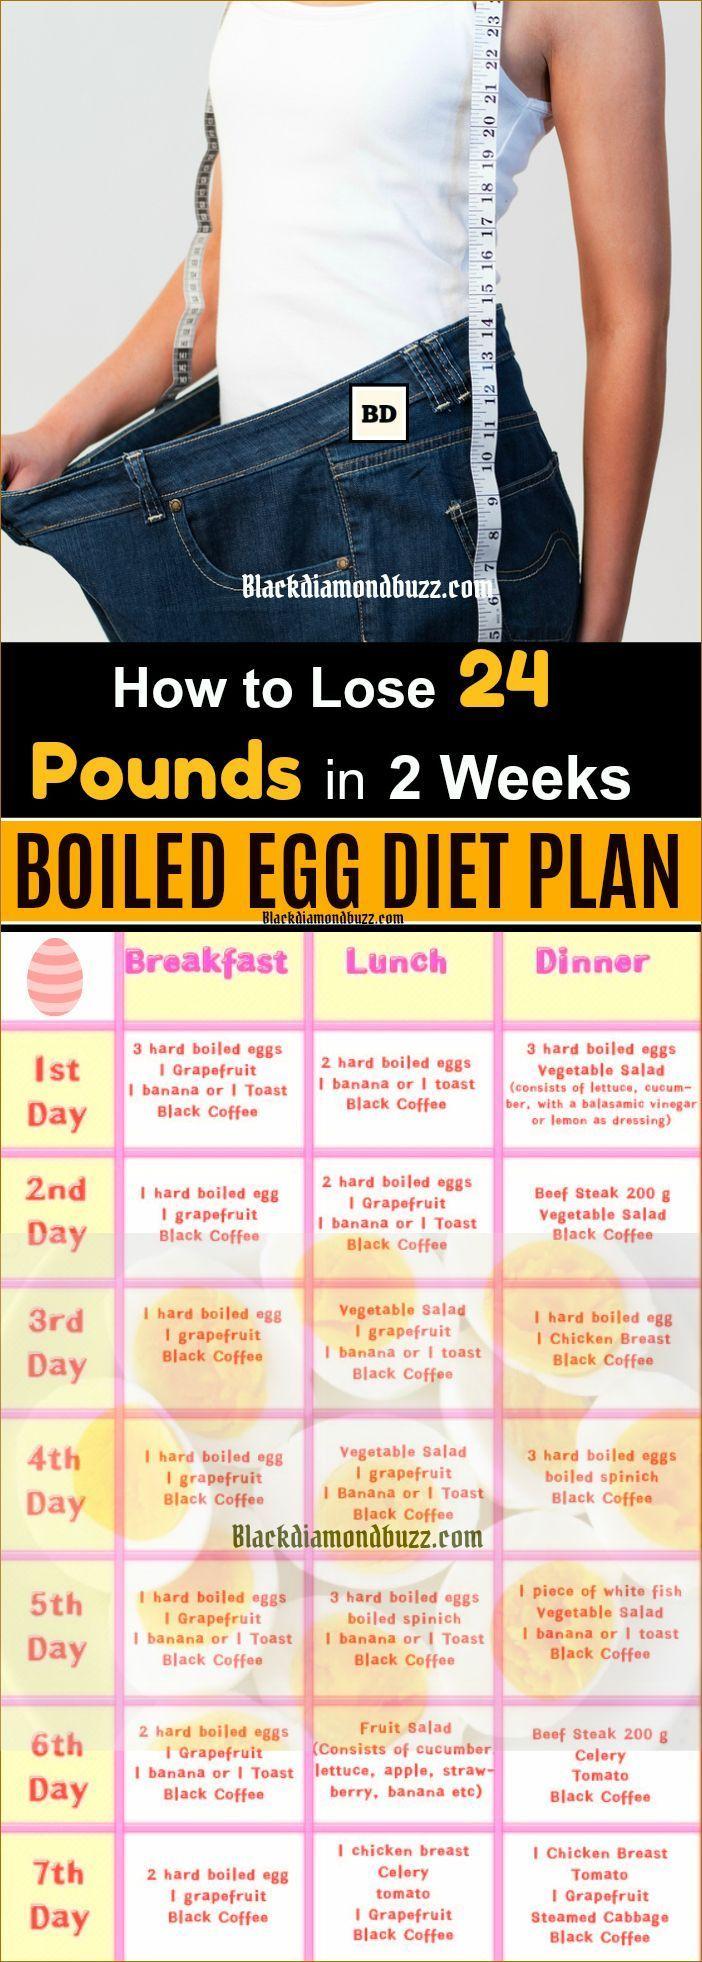 300 spartan diet plan picture 7